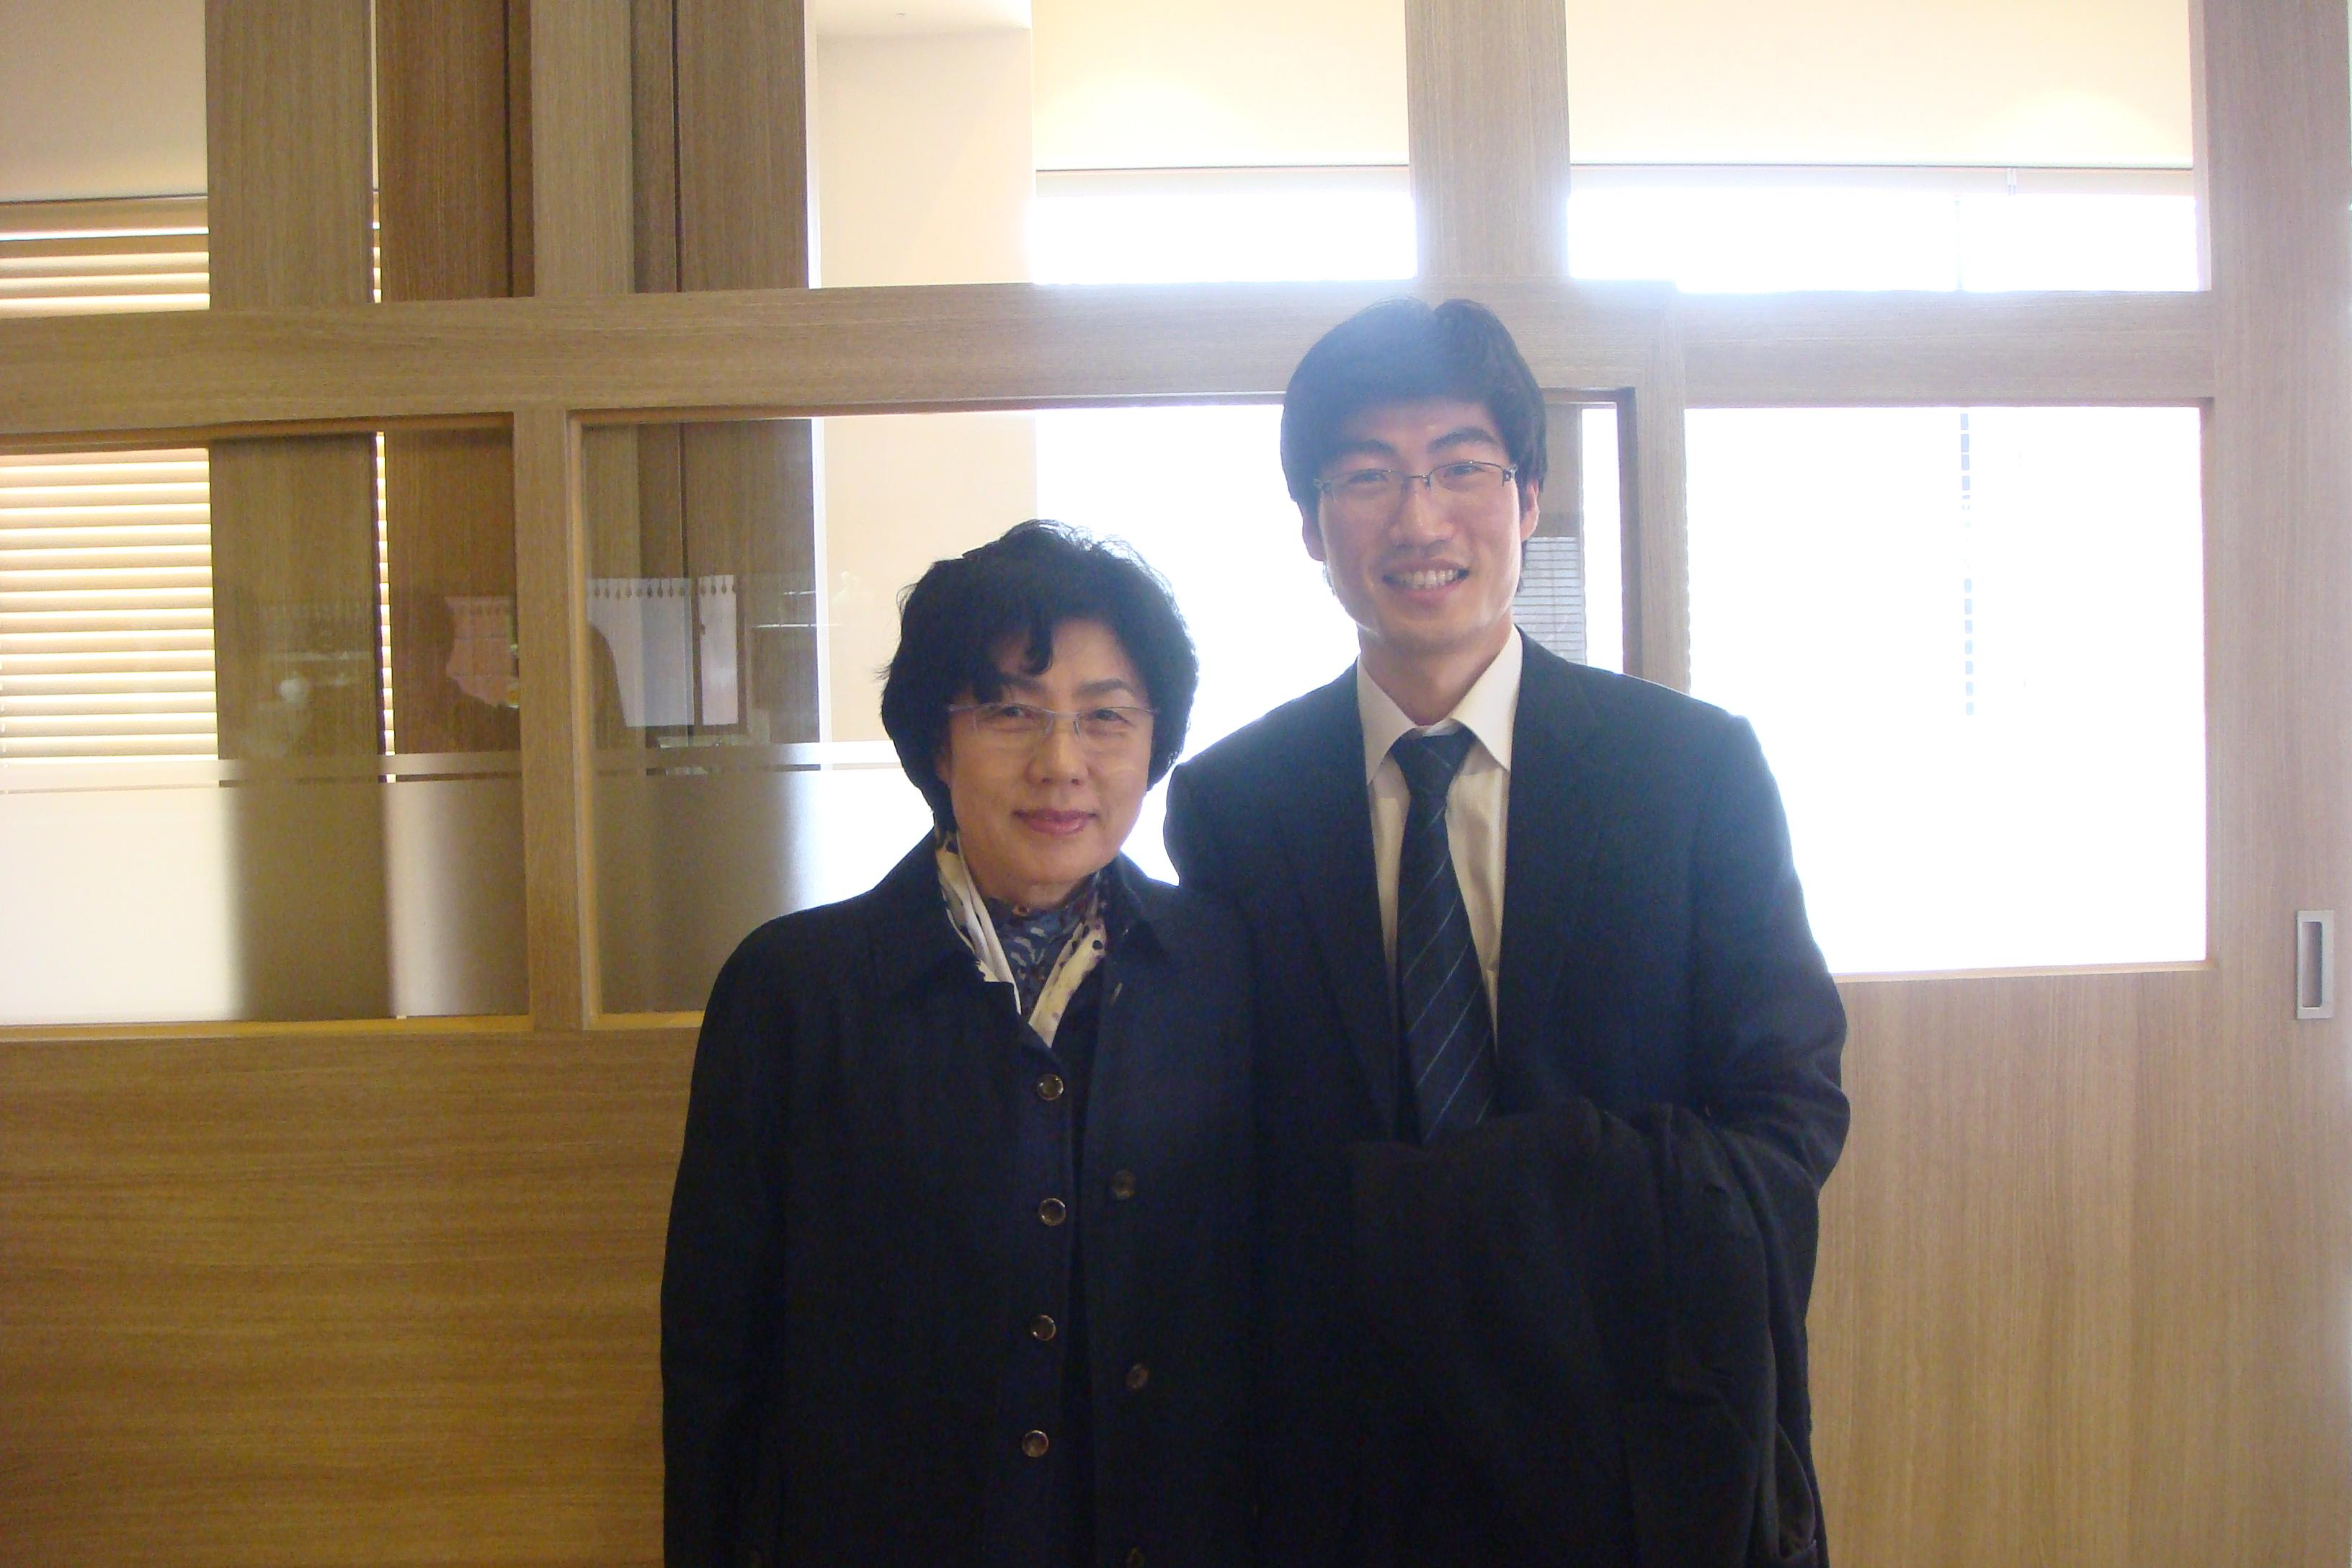 보험 베테랑 모자, 서울디지털대 보험금융학부에 입학하다